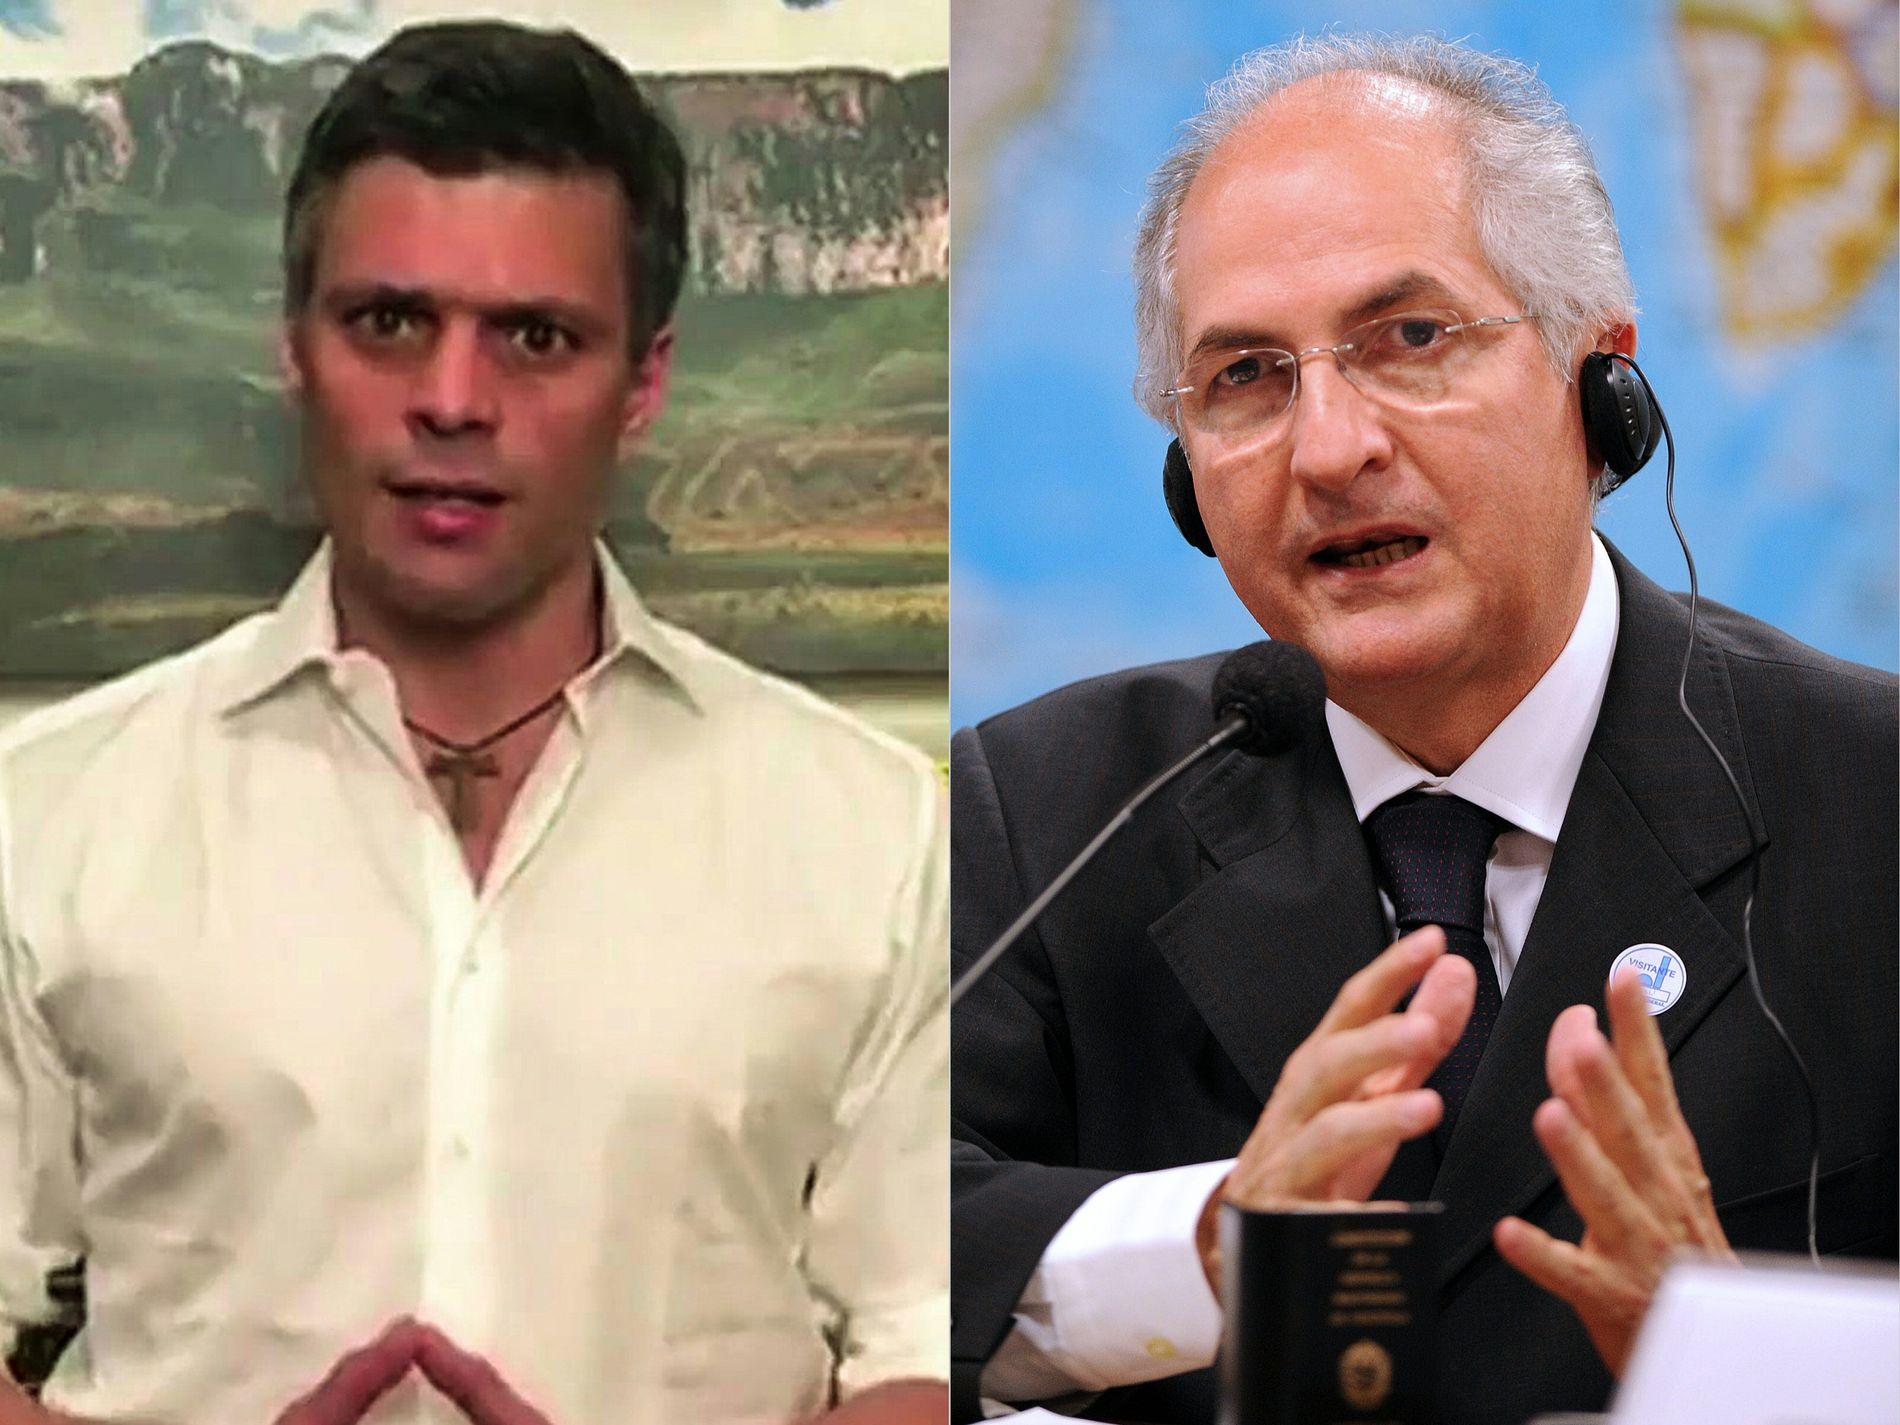 Pågrepet: De to opposisjonslederne Leopoldo Lopez (t.v.) og Antonio Ledezma (t.h) skal ha blitt hentet ut fra sine hjem av sikkerhetstjenesten i Venezuela.